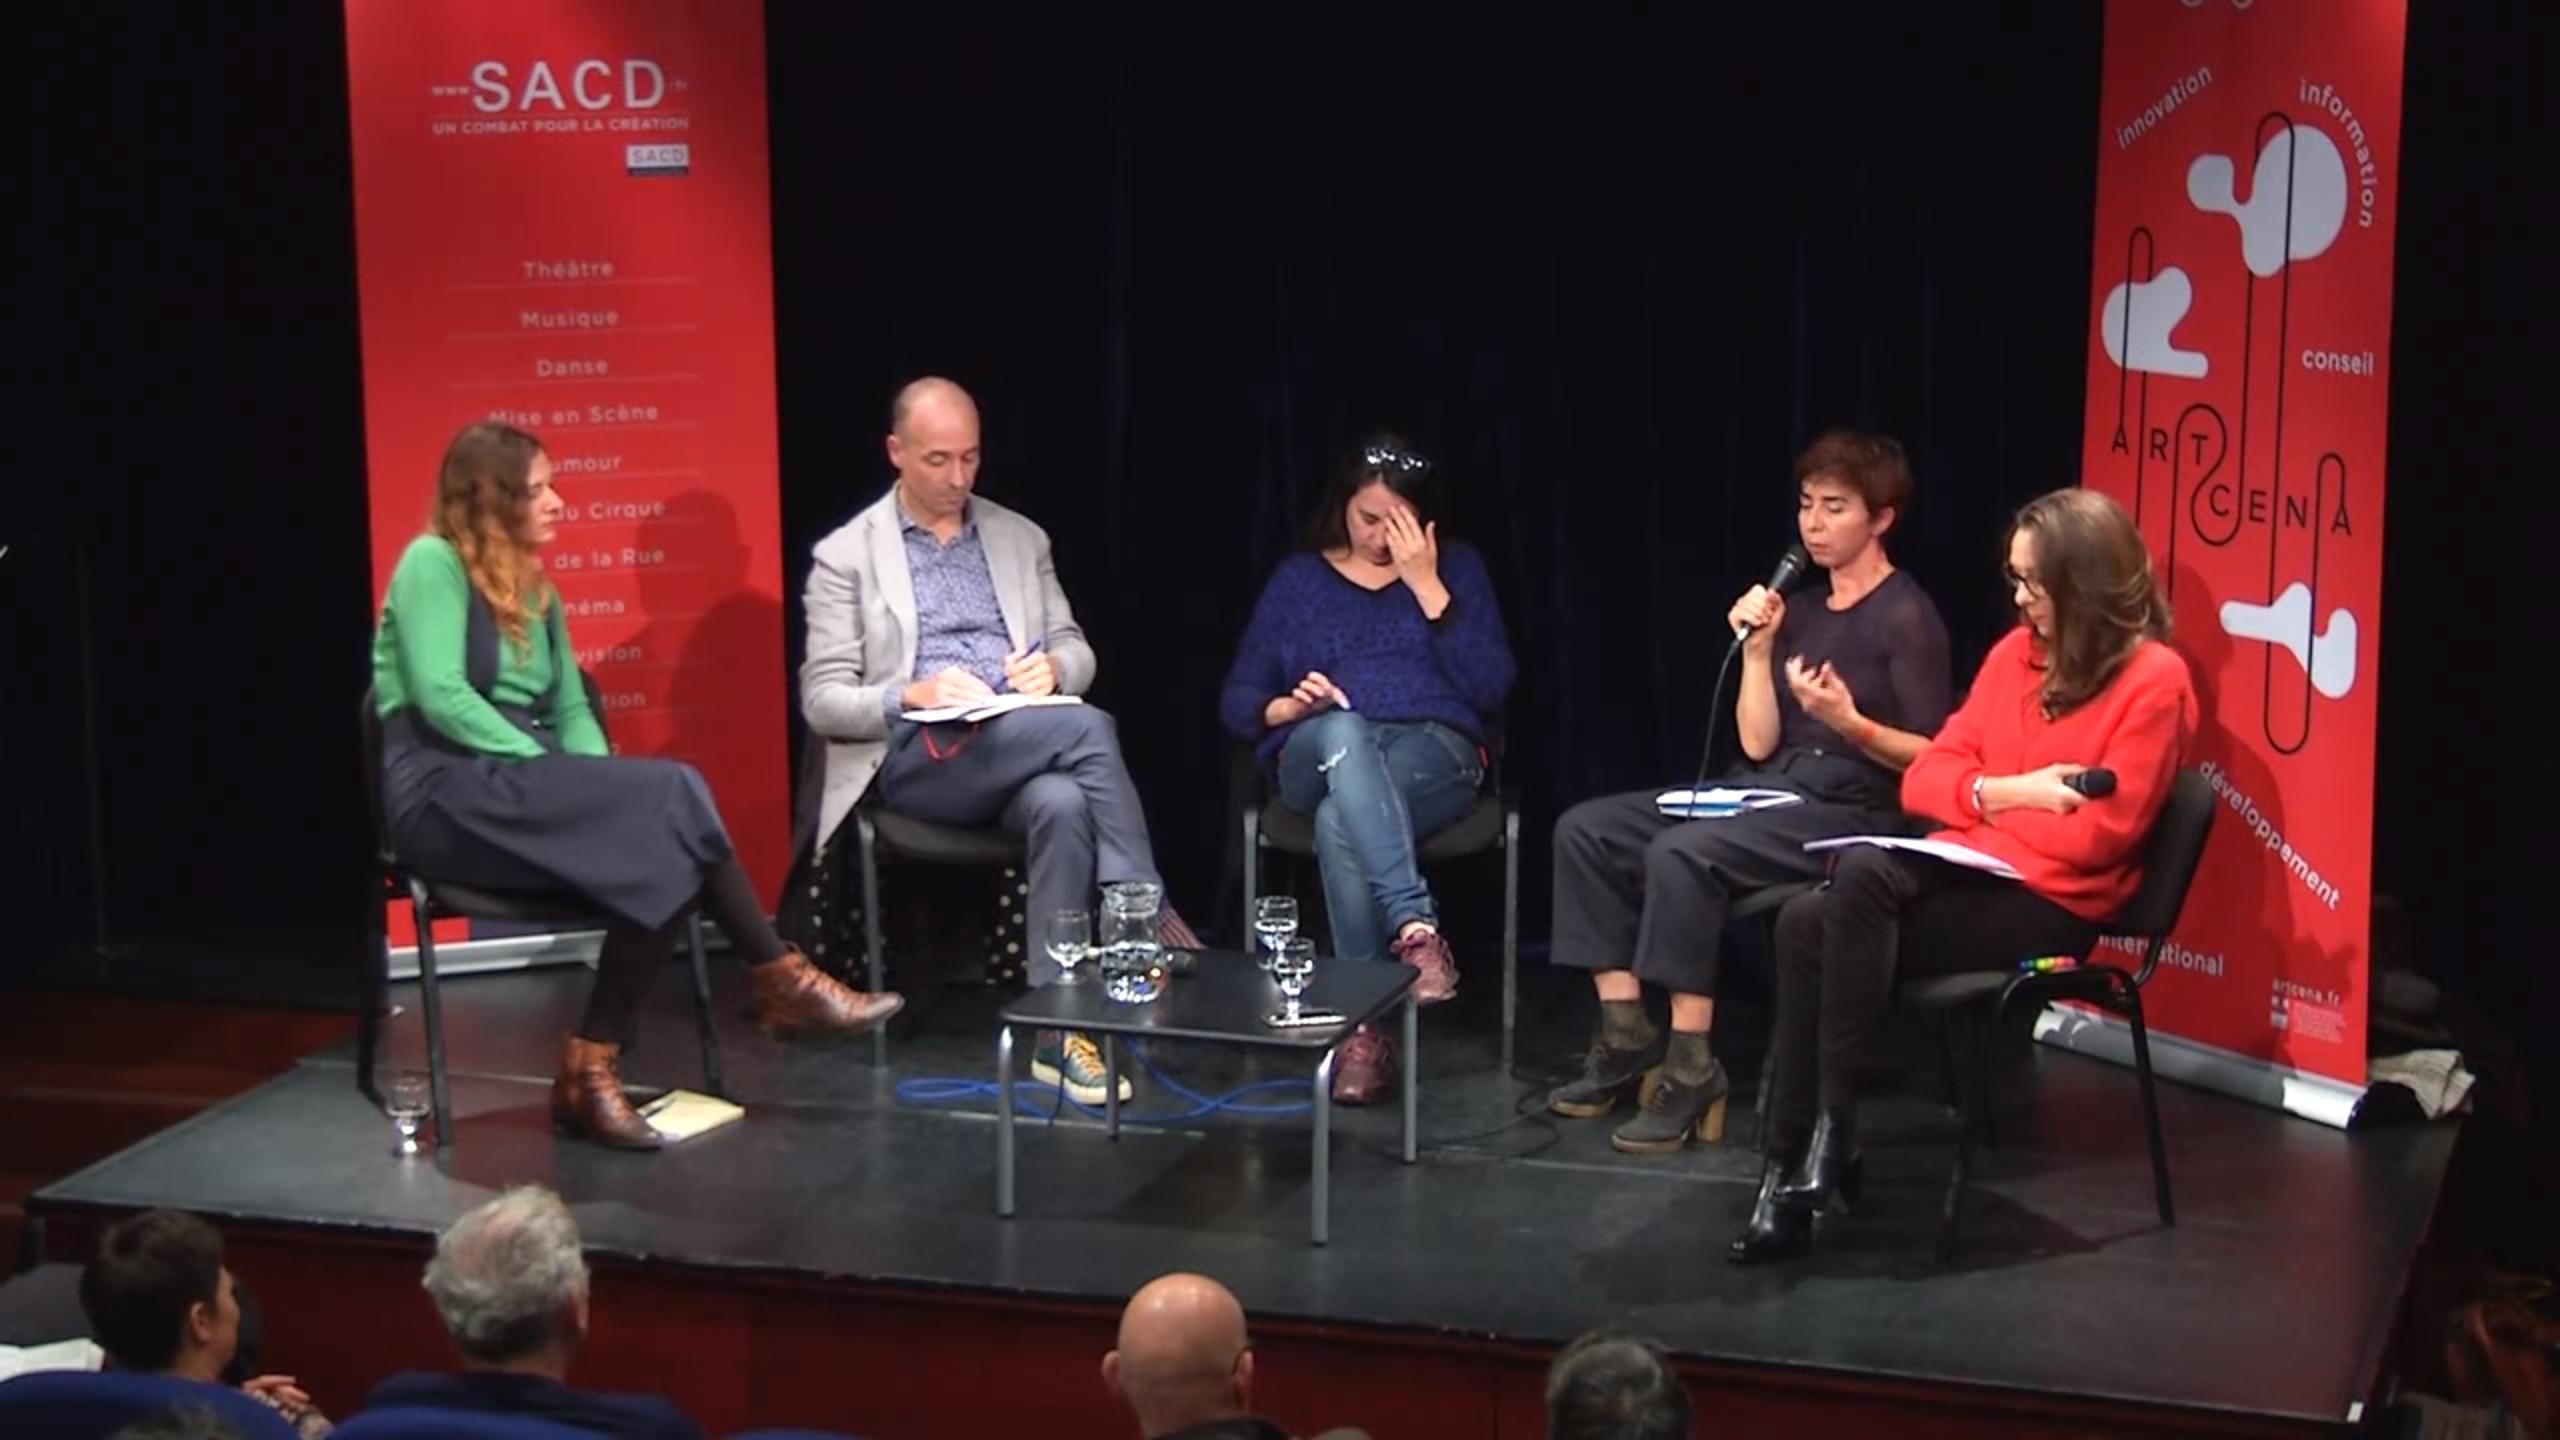 Quatre intervenants sont réunis sur la scène de l'auditorium de la SACD